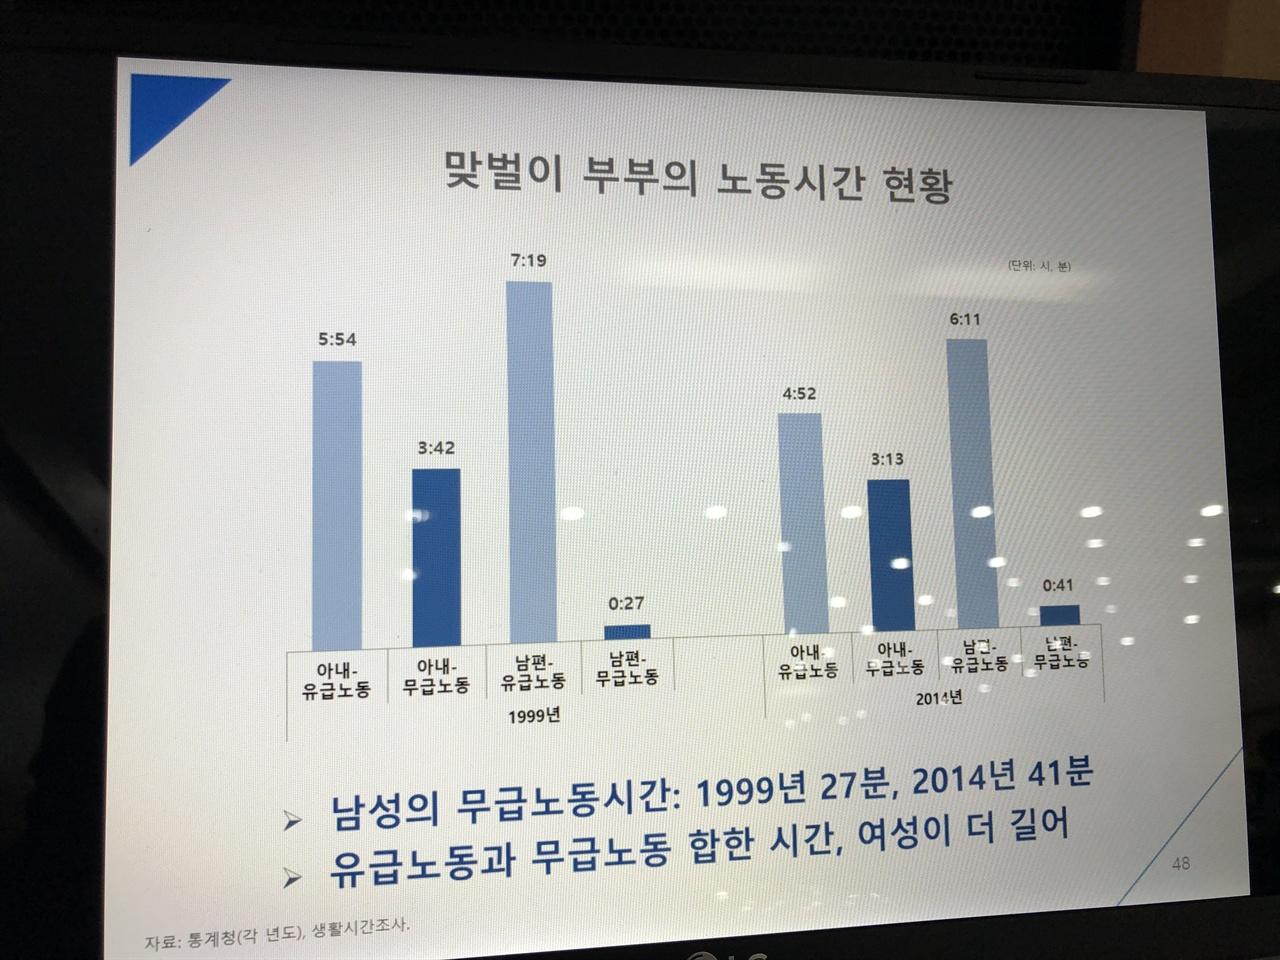 """[2018 페미-노동 캠프] 3강 """"[2018 페미-노동 캠프] 일하는 페미니스트, 싸움의 언어를 찾아서"""" 3강 강의 내용"""